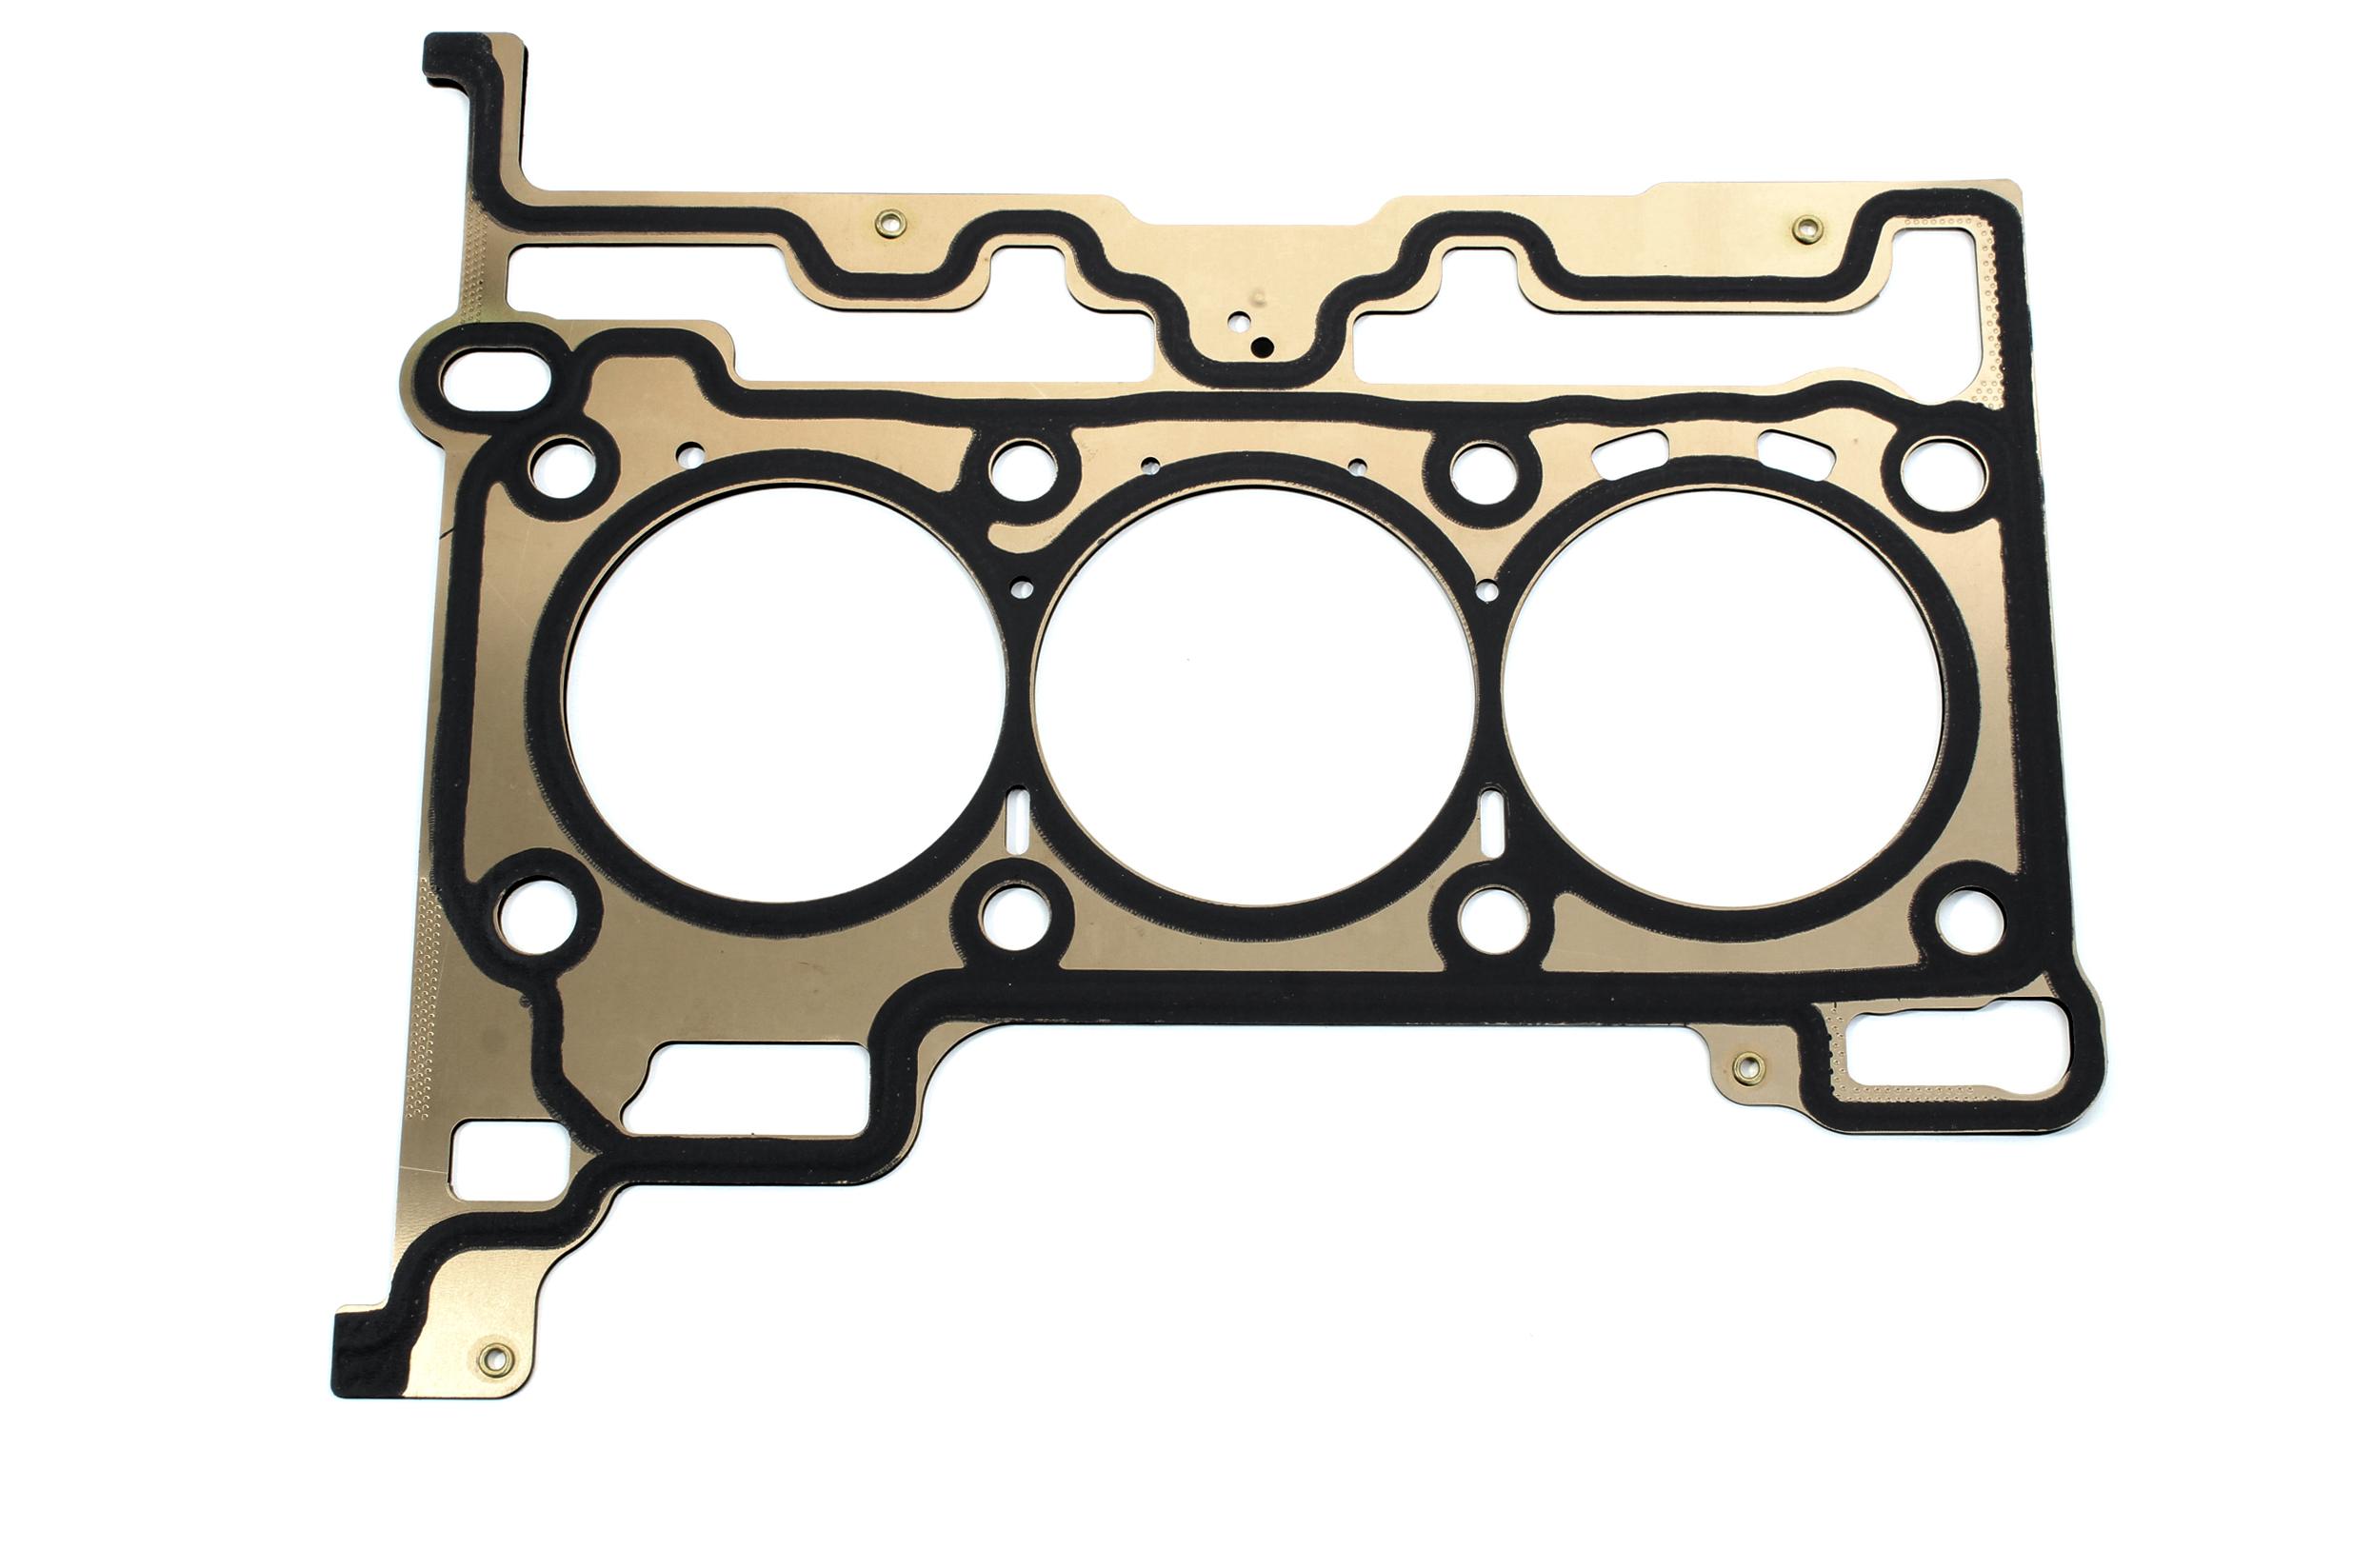 Junta da cabeça do cilindro JUNTAS Ford B-Max 1.0 EcoBoost M1CA M1CB M1DA M1DC HG1650 NOVO